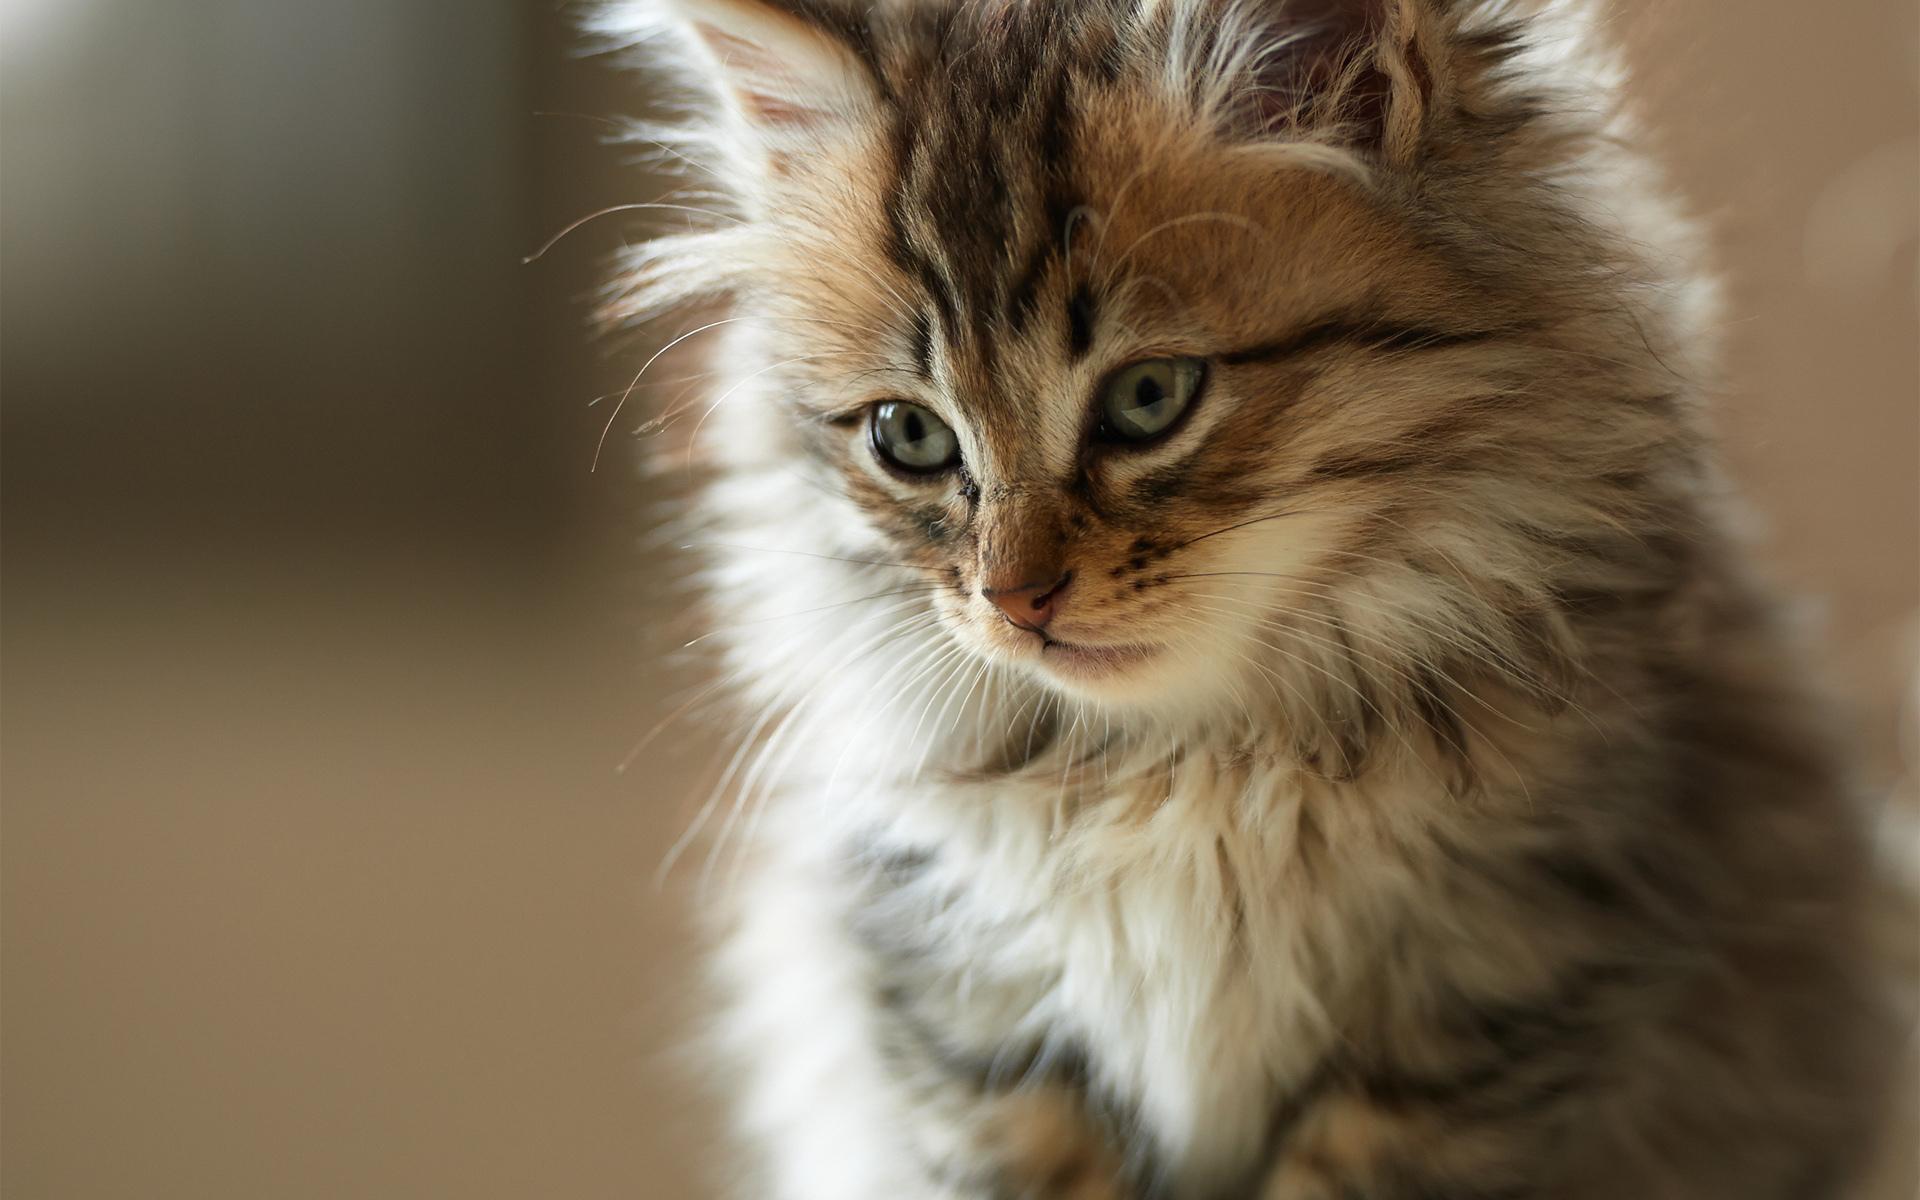 Cute fluffy kitty hd